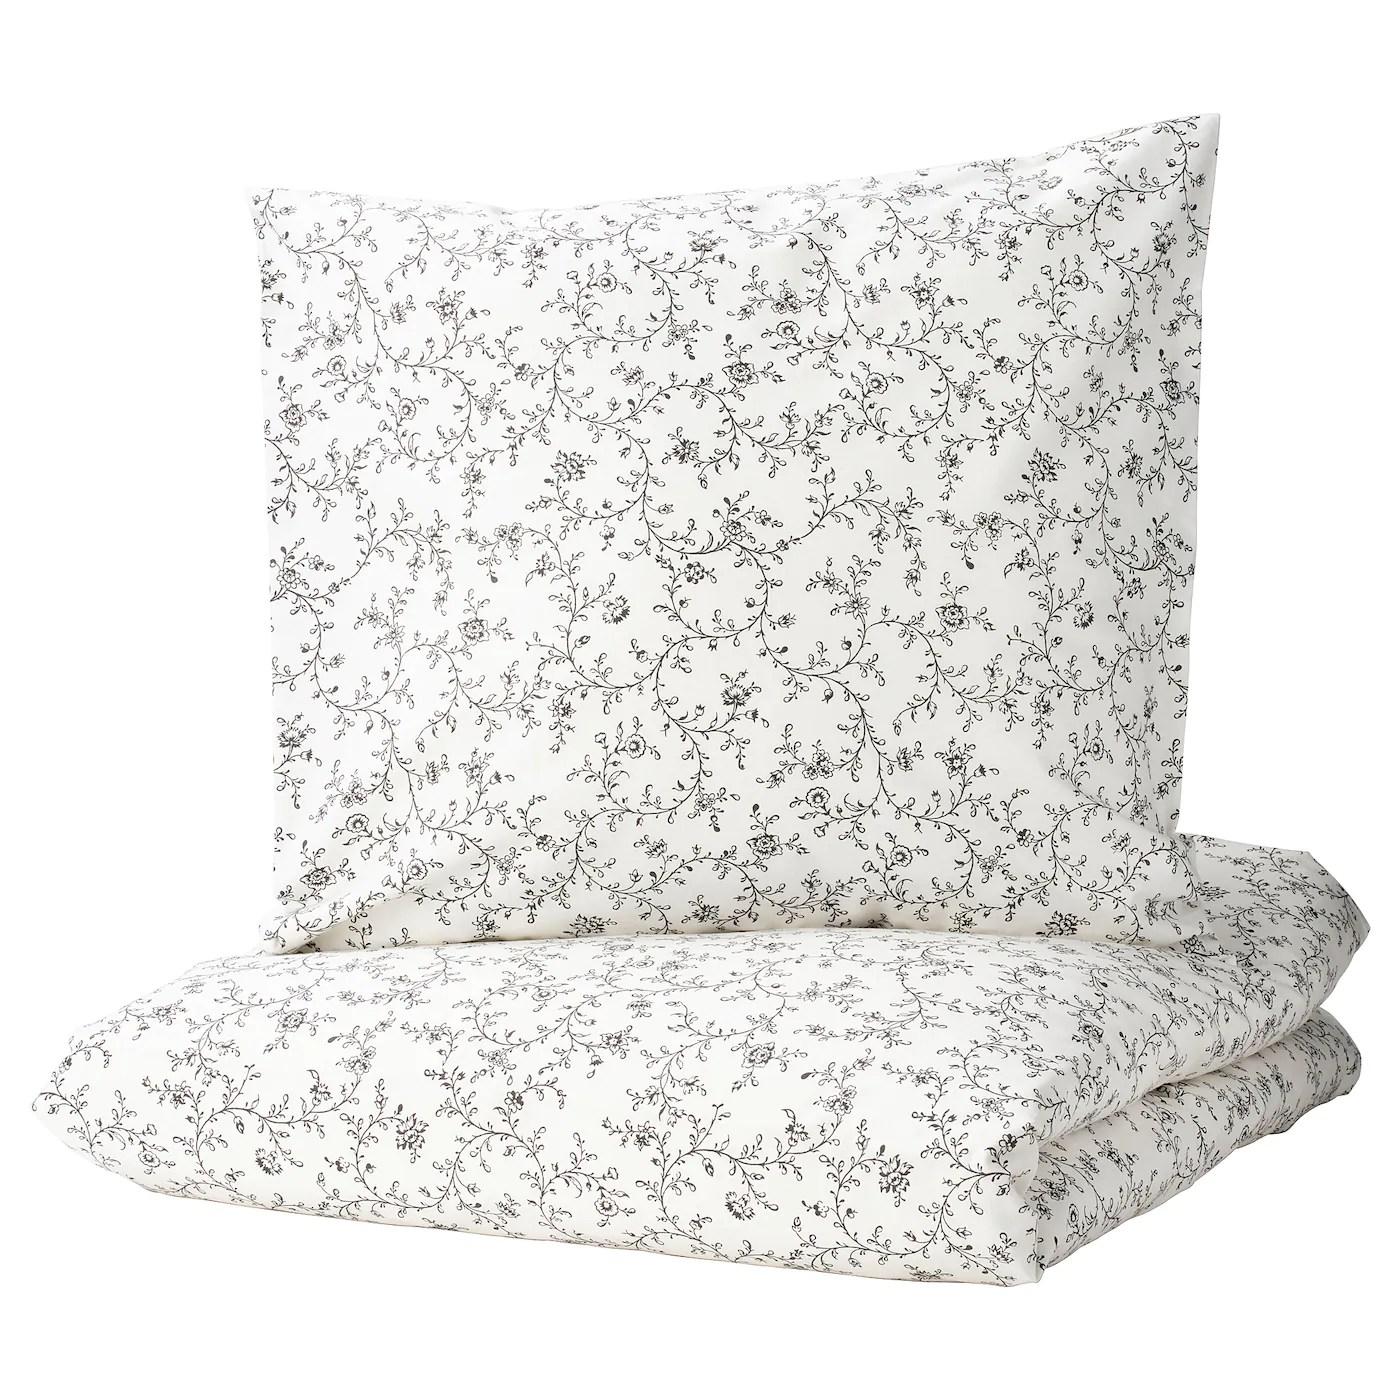 Kopparranka Housse Couette 2 Taies Blanc Gris Fonce 260x240 65x65 Cm Ikea